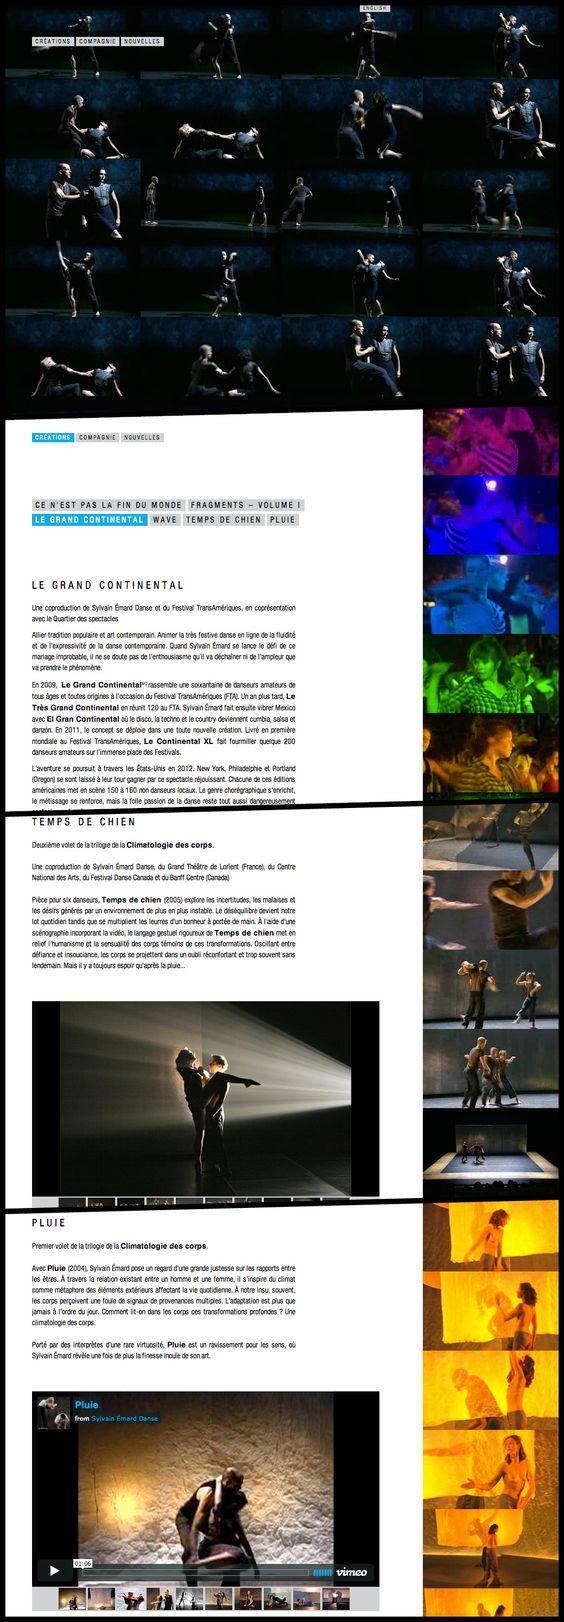 L'agence Commun a créé un site web pour la compagnie de danse contemporaine Sylvain Émard avec comme particularité des séquences vidéos de différentes choréographies, en boucle et décalées. Comme un pas de danse qui se répète avec ses variations. Voir le site : http://www.sylvainemard.com